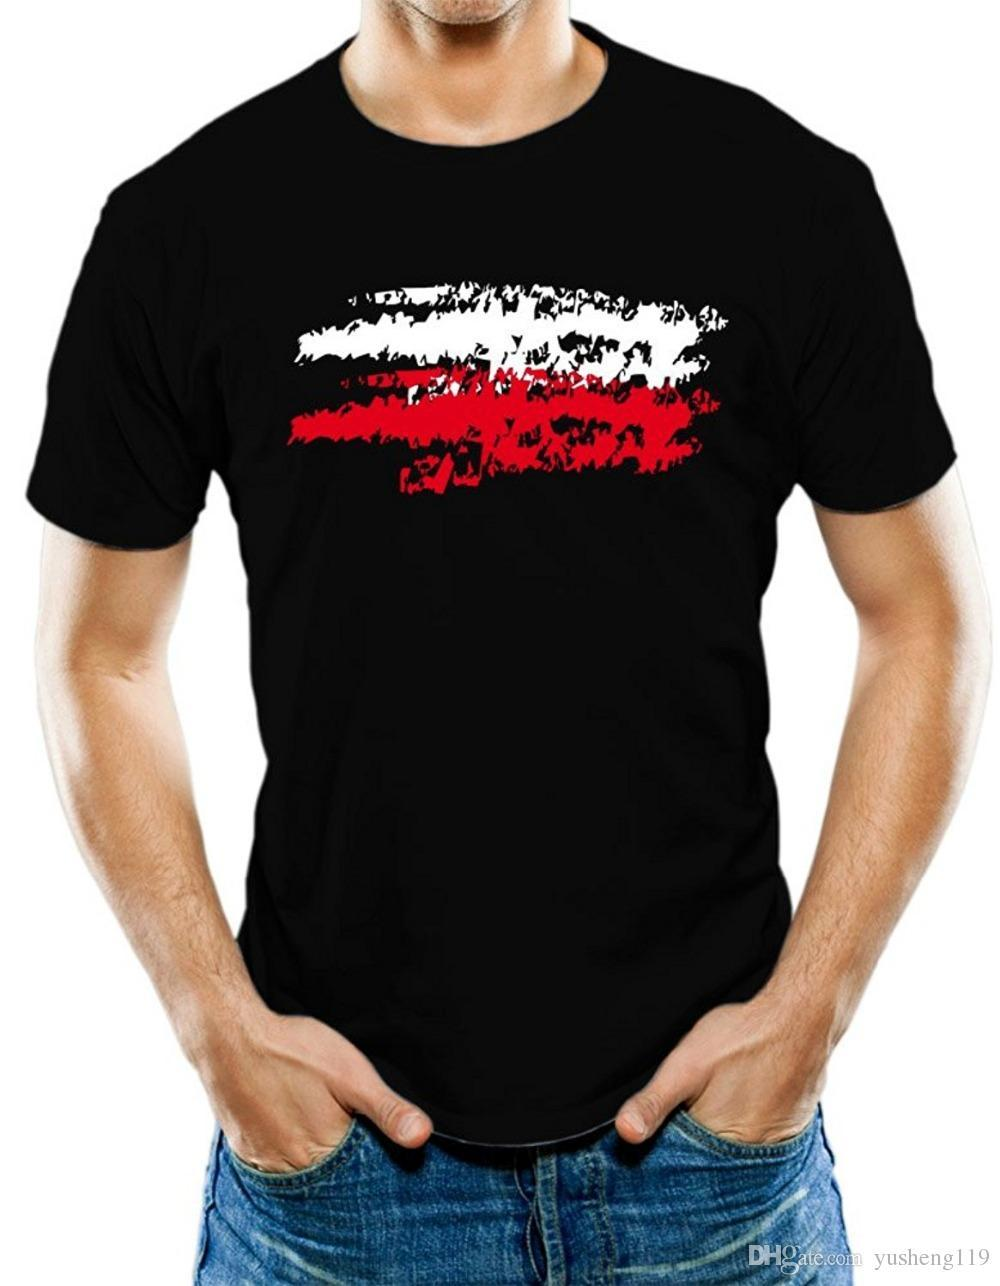 Kişiselleştirilmiş Tişörtlerin erkek O-Boyun erkek Polonya Polonya Bayrağı T-Shirt Kısa Kollu Moda 2018 Tee Gömlek